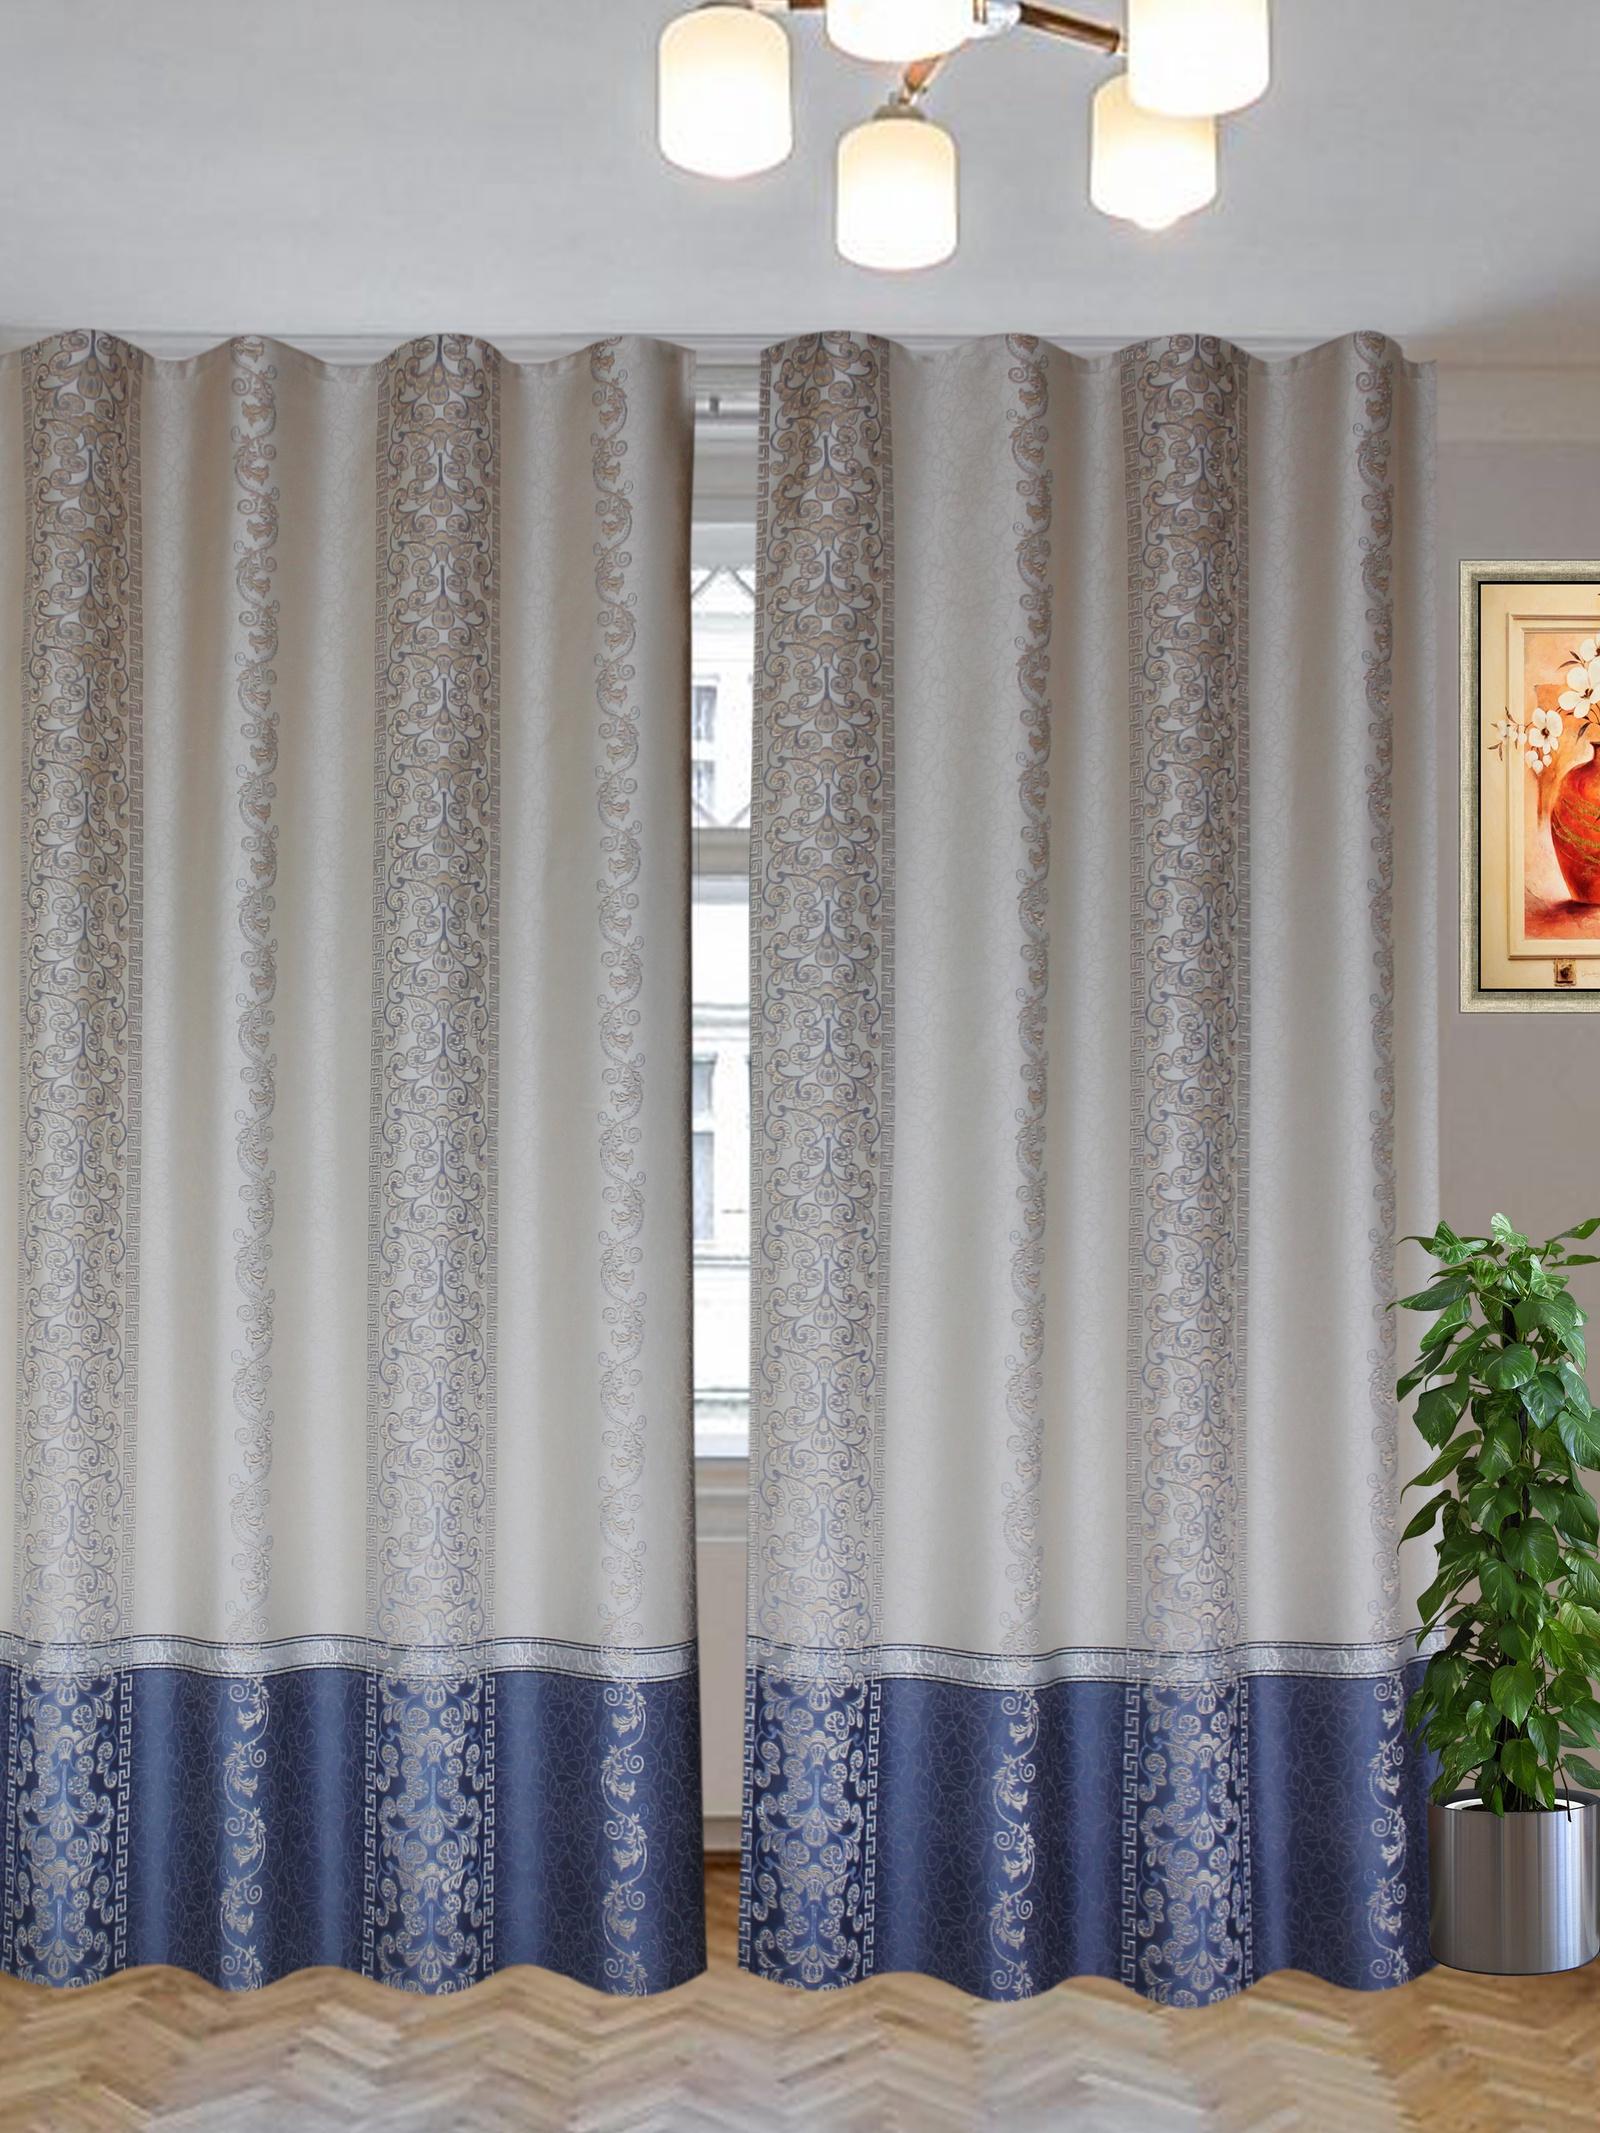 Комплект штор Текстиль.ру ТЕК-КШ-Галатея-11-3*2,5-Т, синий, бежевый шторы для комнаты tomdom комплект штор тризи бежевый